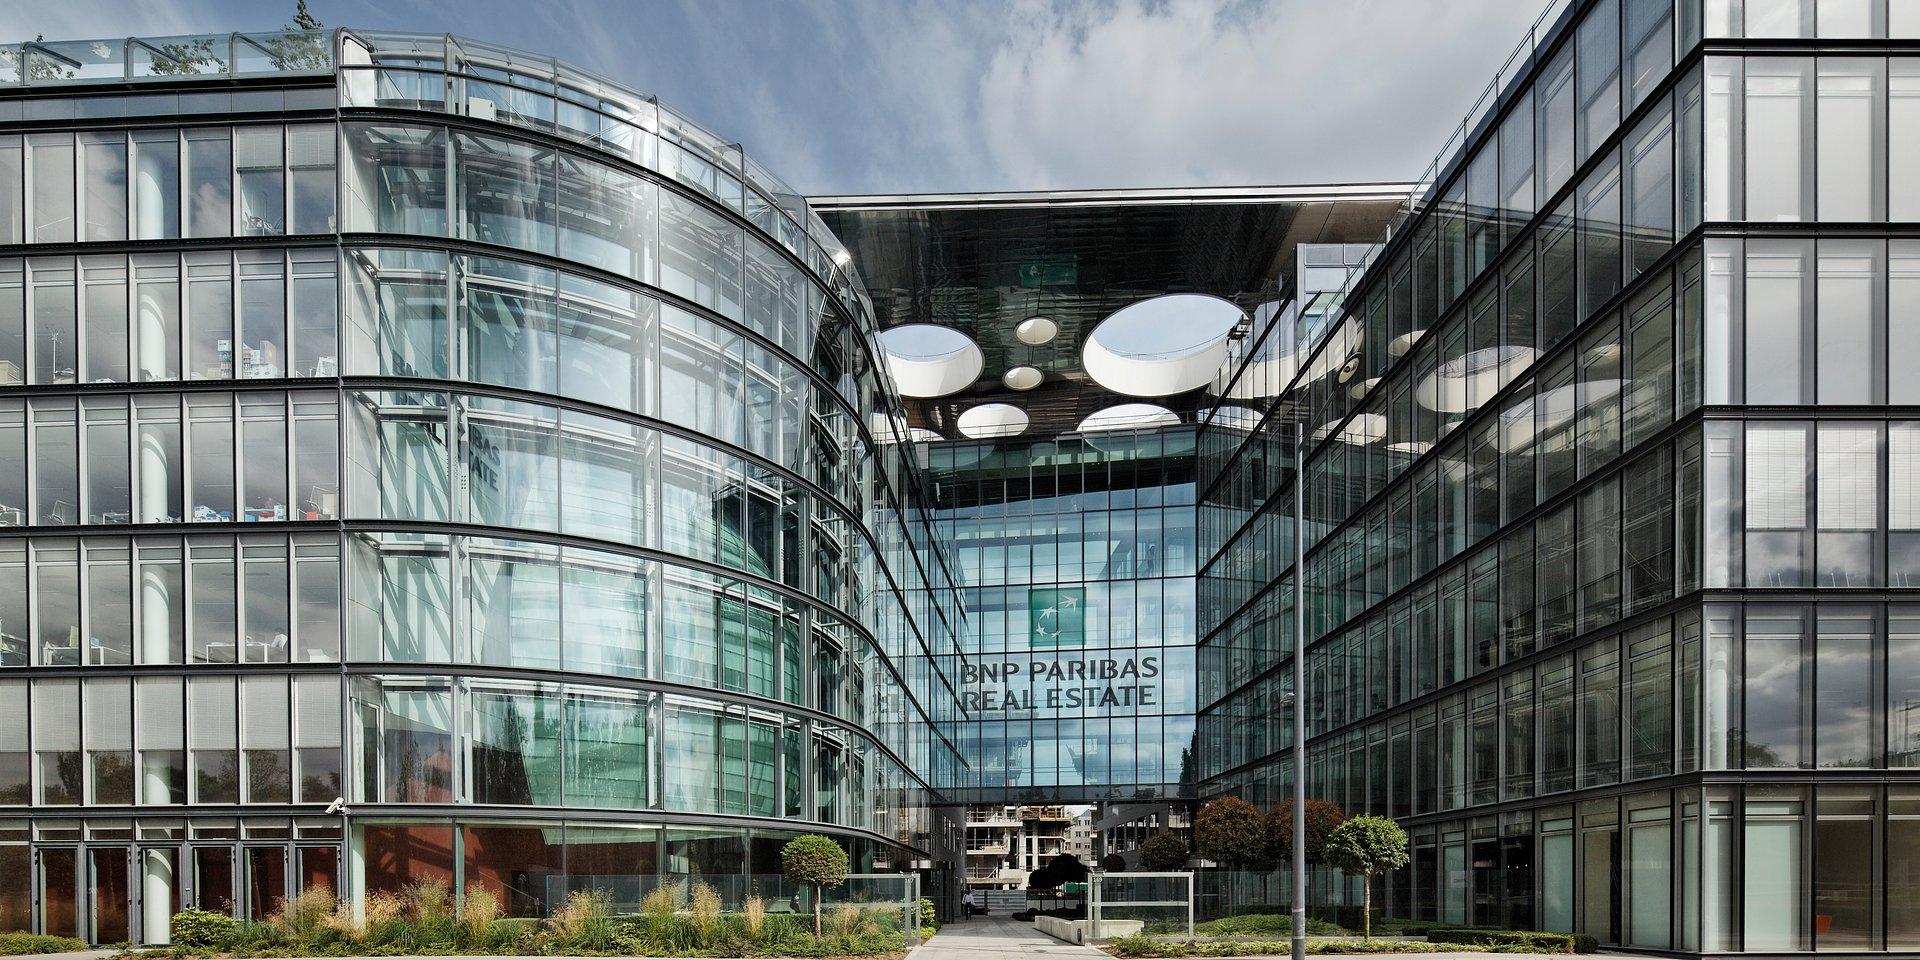 BNP Paribas Real Estate očekává silnou vlnu oceňování nemovitostí, posiluje tým Valuation